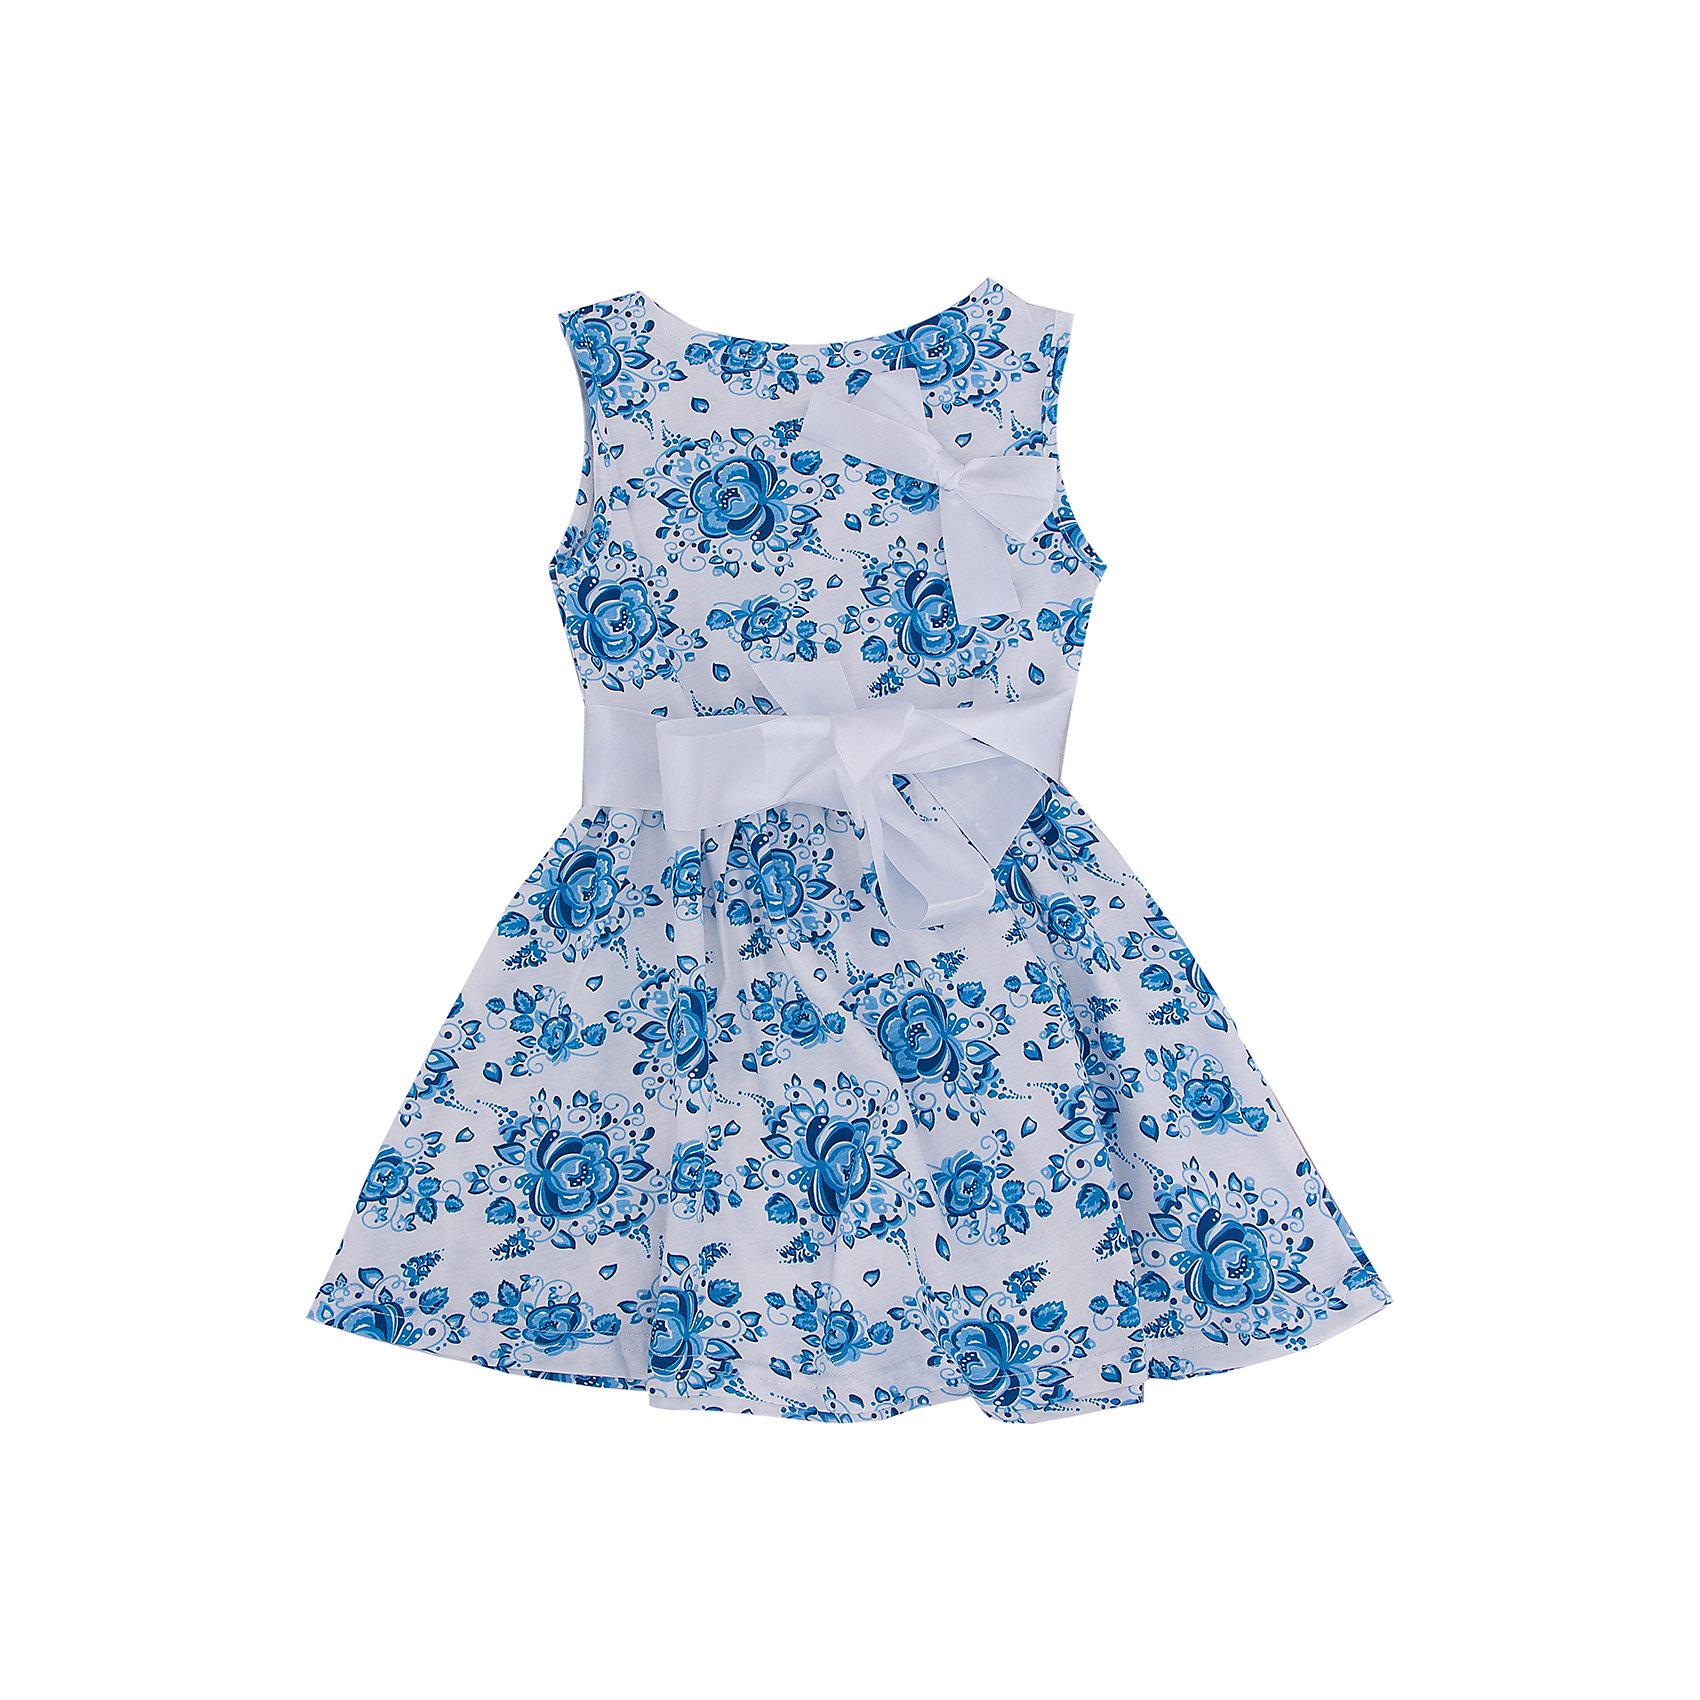 Платье АпрельКрасивое платье Гжель от торговой марки Апрель обязательно пригодится девочке в жаркие летние дни. Оно сшито из мягкого хлопка с добавлением лайкры и имеет удобный свободный крой. Платье с цветочным принтом выполнено в сочетании синего и белого цветов. Изделие имеет круглый вырез горловины с контрастным трикотажным кантом, застегивается сзади на пуговицу. Стильная и нарядная модель без рукавов подойдет как для повседневной носки, так и для праздничных мероприятий. В таком платьице Ваша принцесса будет выглядеть очаровательно!<br><br>Дополнительная информация: <br><br>- состав: 92% хлопок, 8% лайкра.<br>- уход: ручная или машинная стирка при температуре не более 40°с.<br>- коллекция: Гжель.<br>- цвет: белый, индиго, голубой<br>- вырез горловины: округлый вырез<br>- декоративные элементы: банты<br>- длина изделия: по спинке: 57 см; до талии: 22 см<br>- ширина рукава короткие: пройма: 11 см<br>- вид застежки: без застежки<br>- особенности ткани: мягкая<br>- материал подкладки: хлопок<br>- сезон: лето<br>- пол: девочки<br>- страна бренда: Россия<br>- комплектация: пояс, платье, бант<br><br>Платье Гжель от торговой марки Апрель можно купить в нашем интернет-магазине.<br><br>Ширина мм: 236<br>Глубина мм: 16<br>Высота мм: 184<br>Вес г: 177<br>Цвет: разноцветный<br>Возраст от месяцев: 48<br>Возраст до месяцев: 60<br>Пол: Женский<br>Возраст: Детский<br>Размер: 110,116,134,122,128,140<br>SKU: 4630508